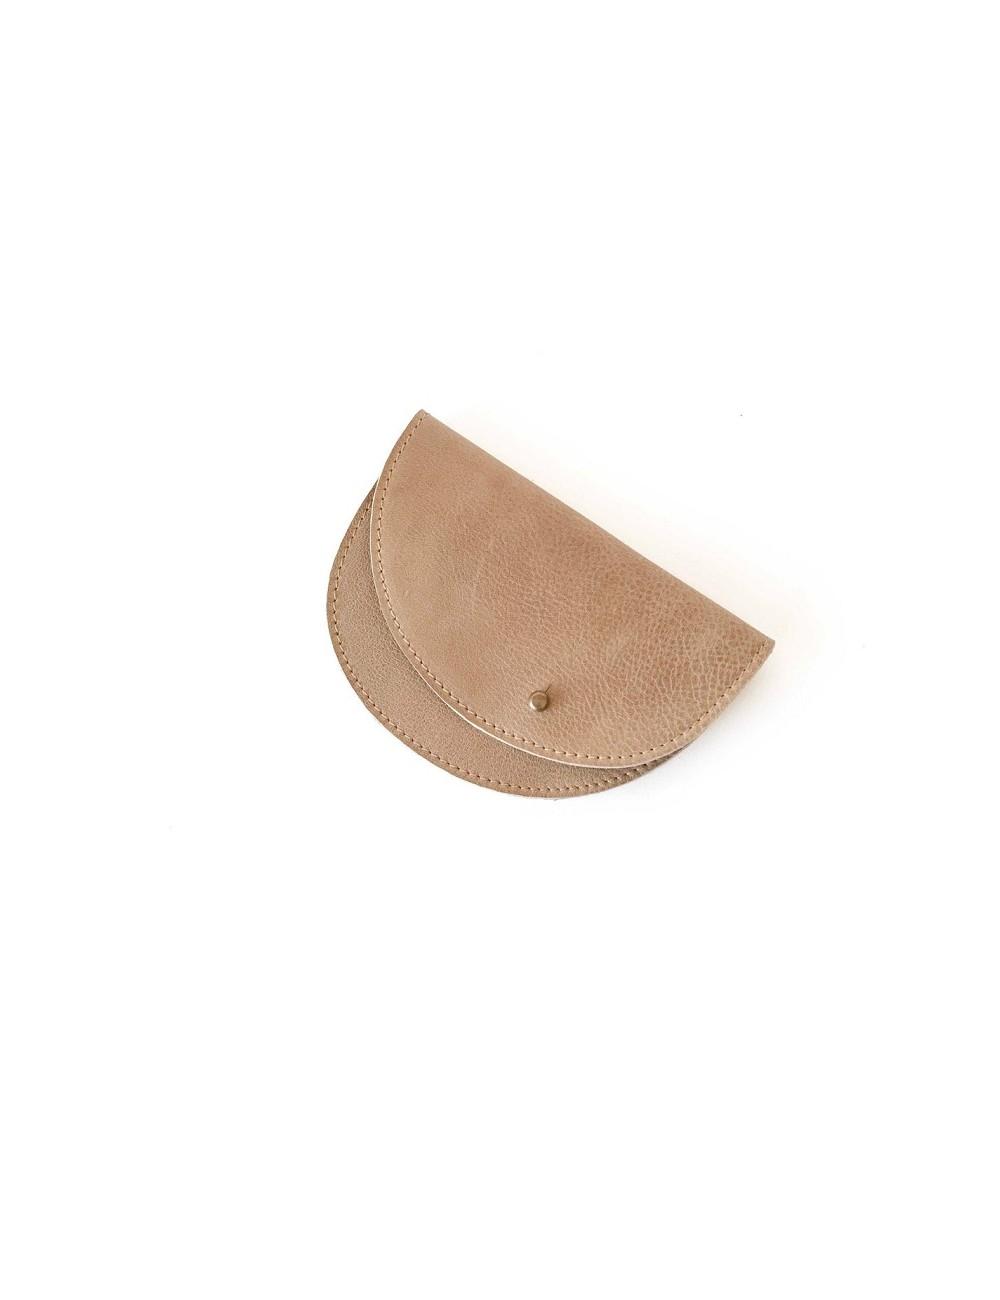 Monedero de piel camel